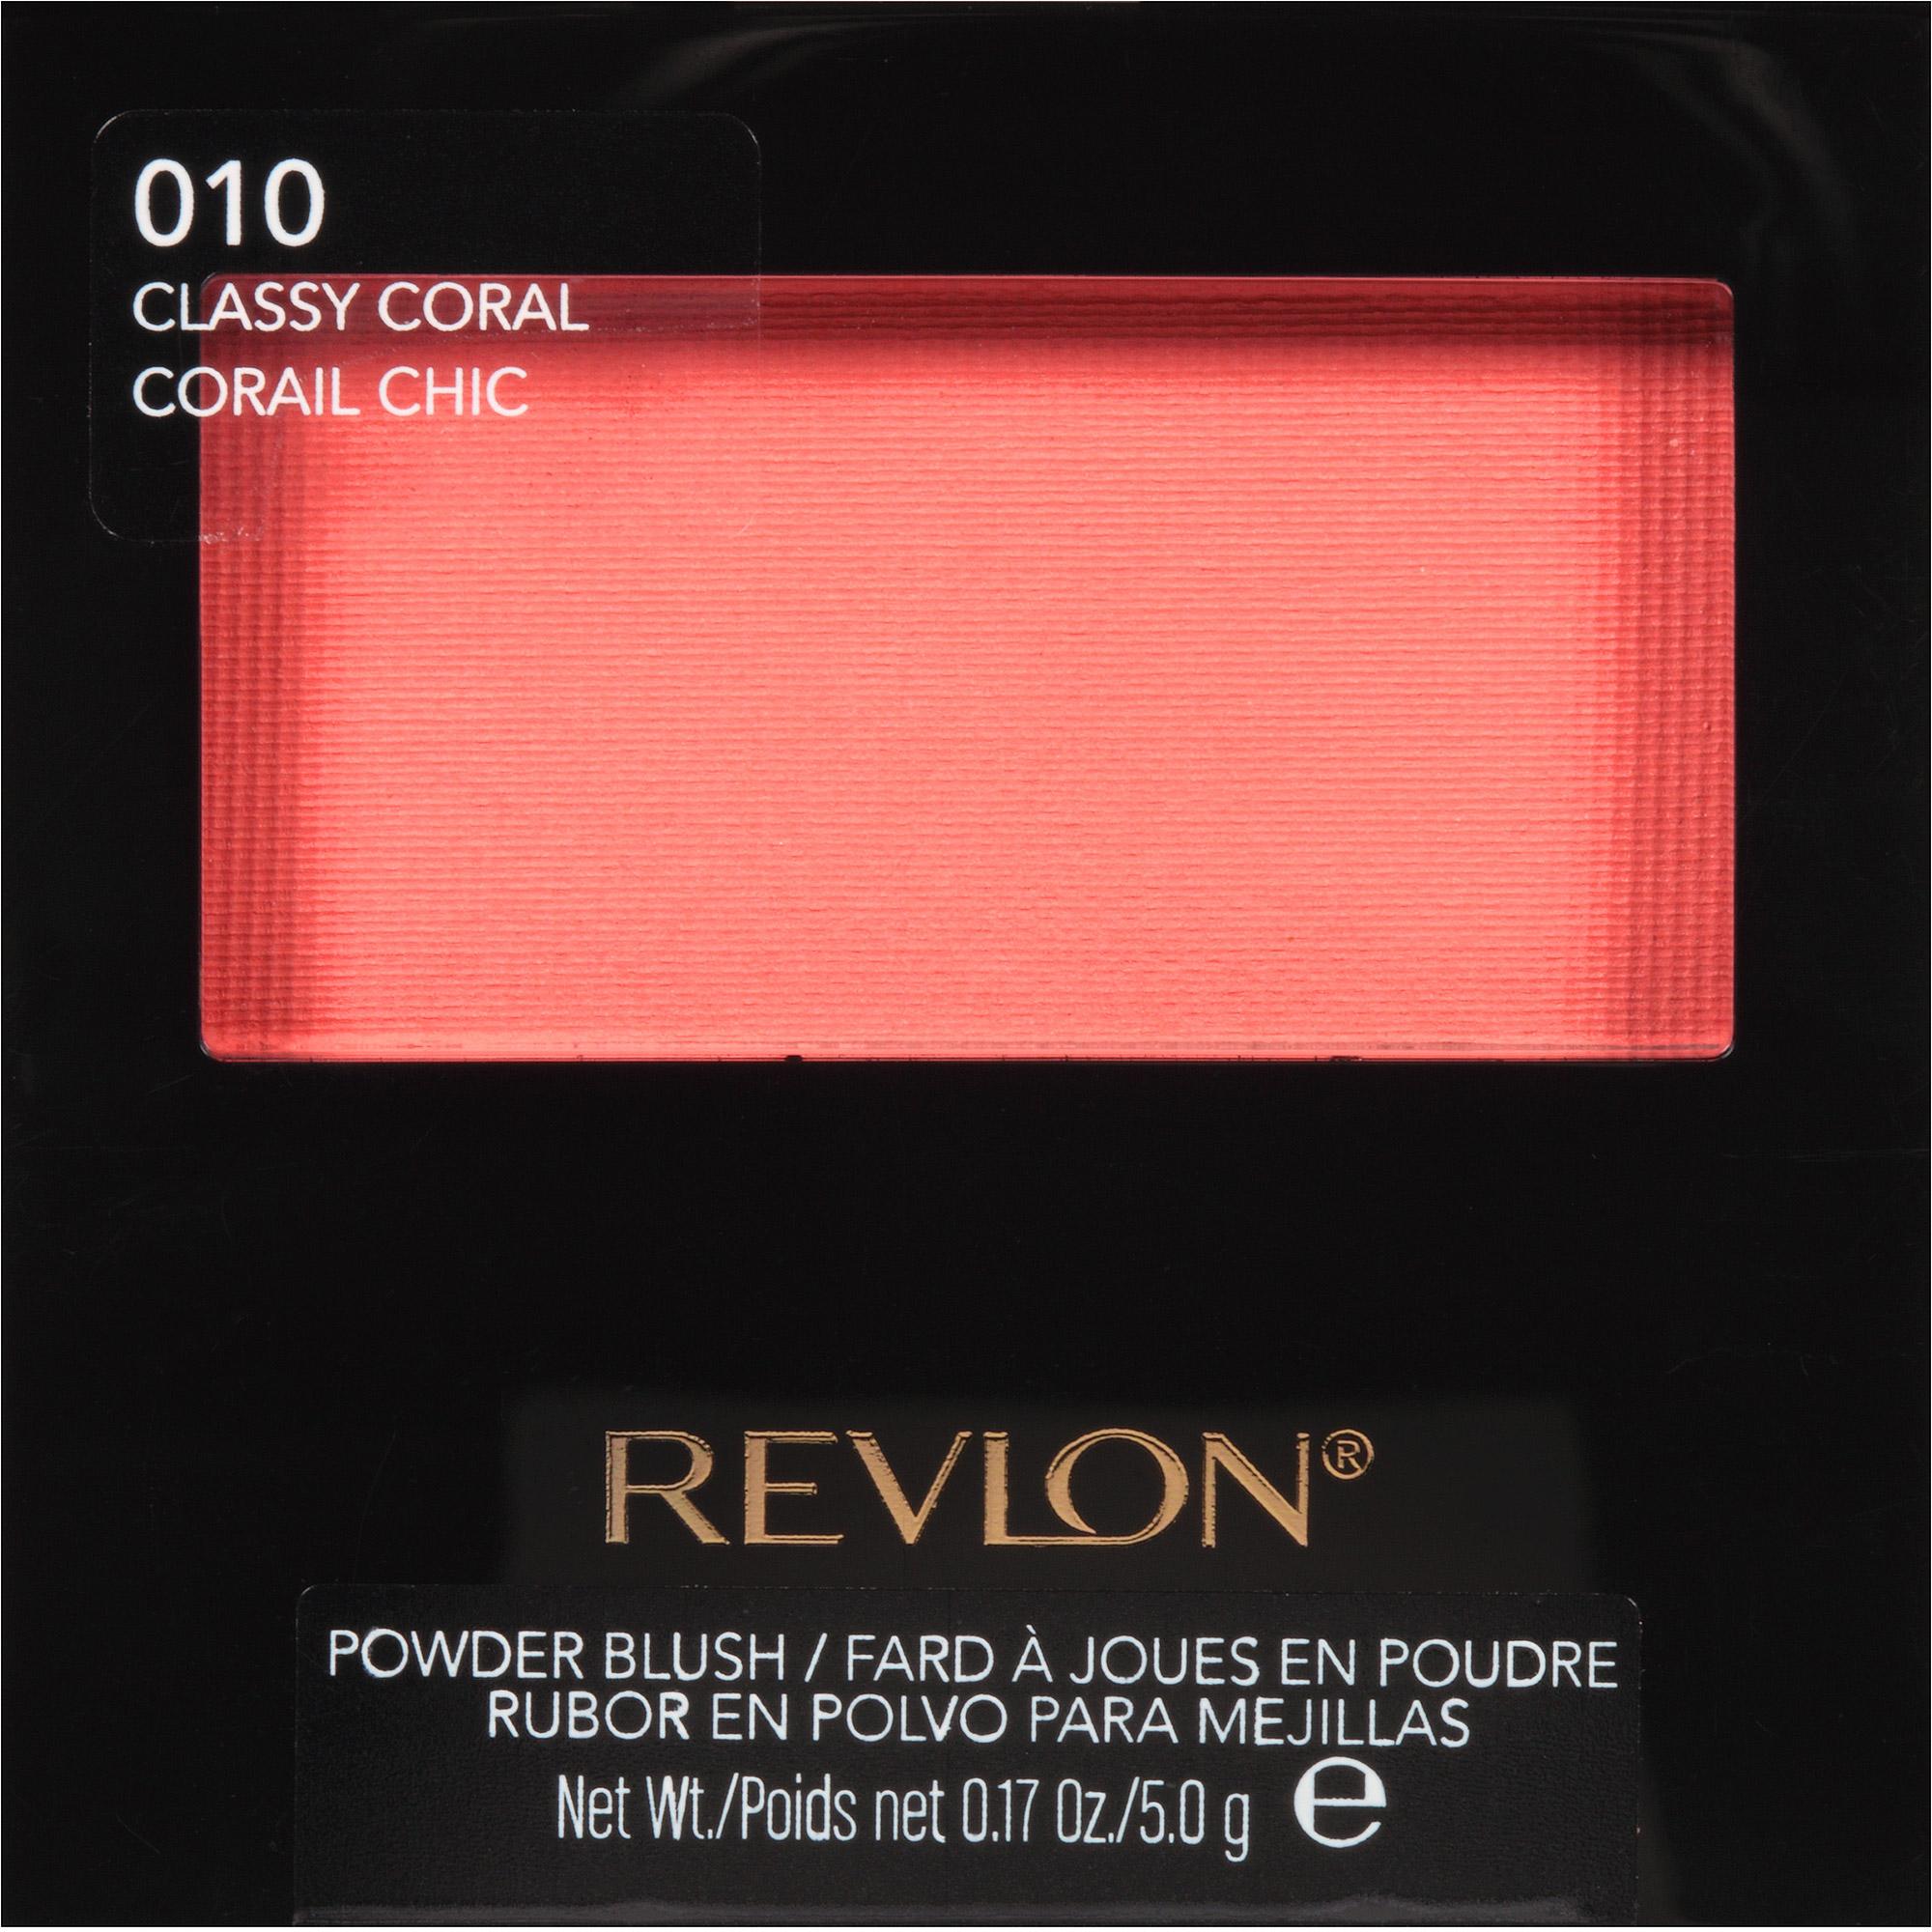 Revlon Powder Blush, 010 Classy Coral, 0.17 oz